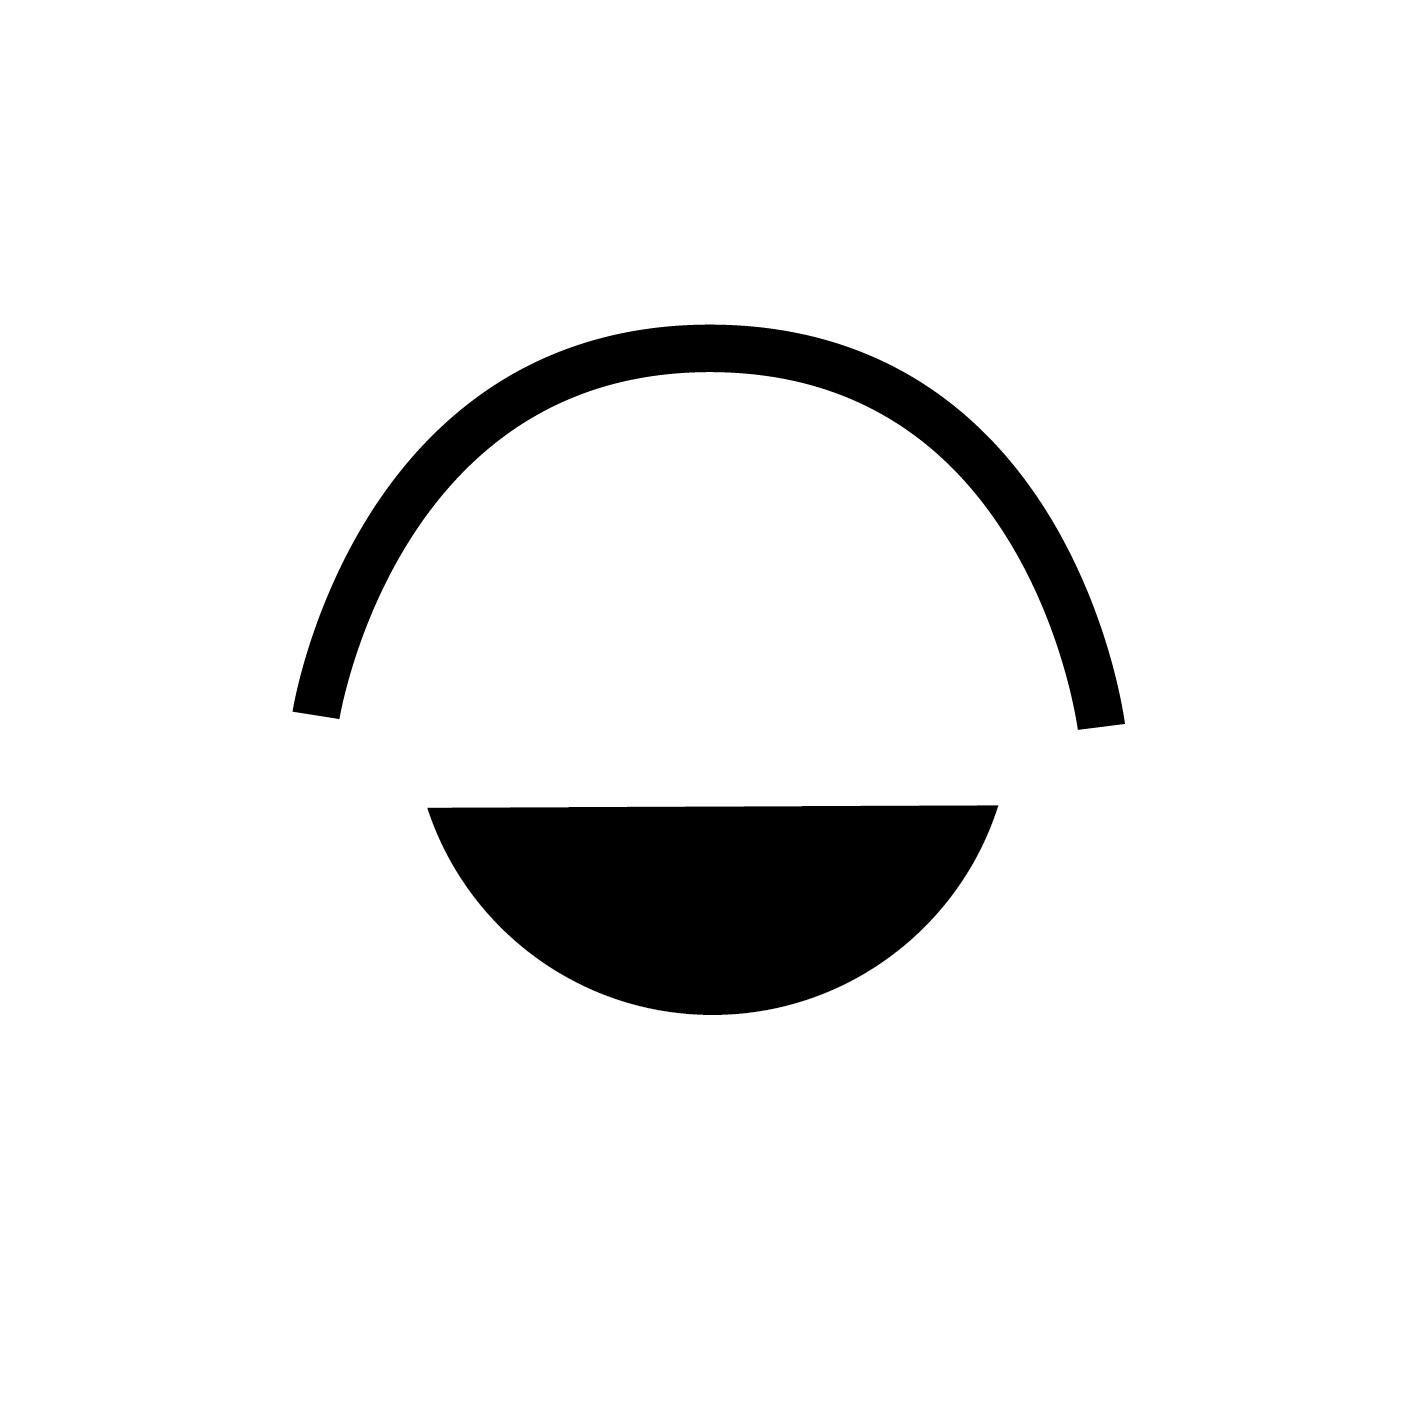 Free Letterheads Sunset Eye Circle D Half Contrast Circle Symbol Circle Eye Logo